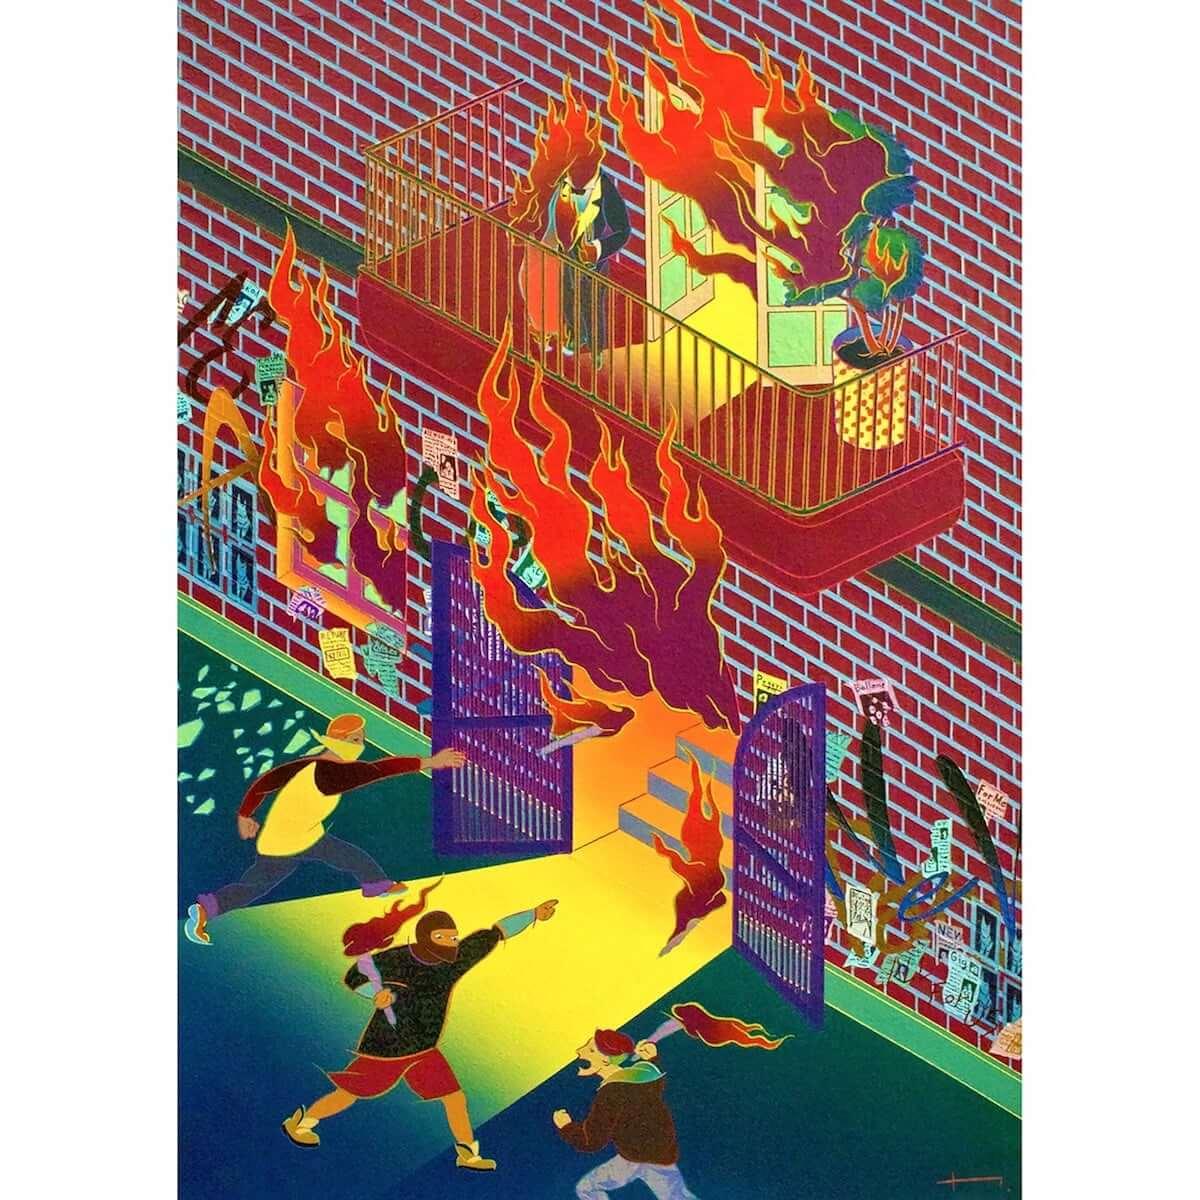 一林保久道|動的で日本的、奇抜で皮肉、摩訶不思議な注目ペインターの初インタビュー art-culture181115-anagra-hokuto-ichibayashi-melee-close-in-8-1200x1200